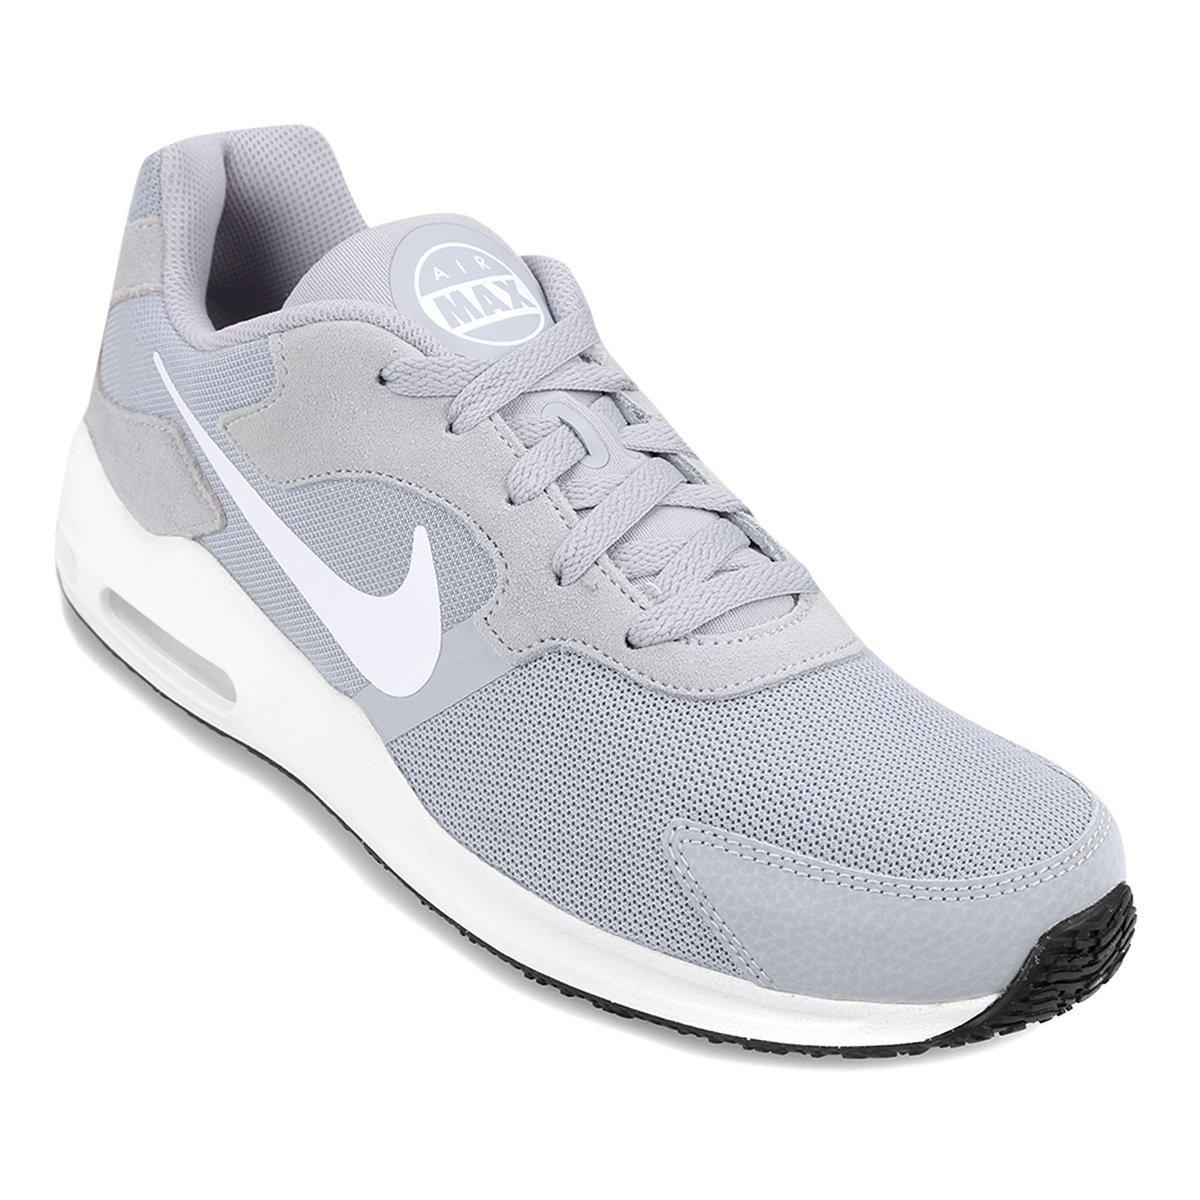 0881b74f17b zapatillas nike air max guile hombre - gris + blanco. Cargando zoom.